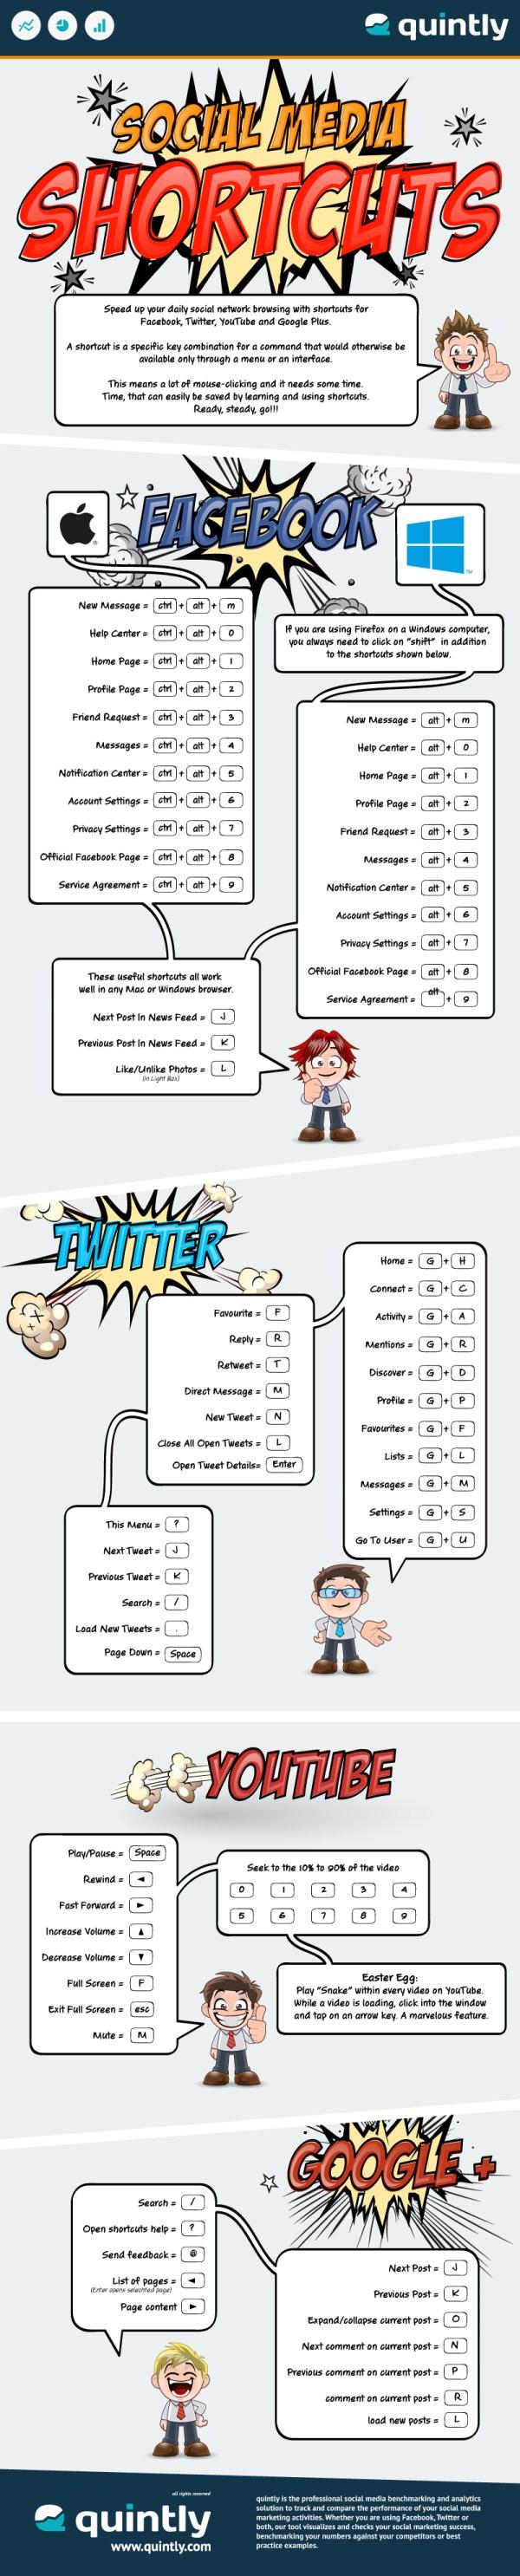 Shortcuts für Facebook, Twitter, YouTube und Google+ (Quelle: quintly.com)